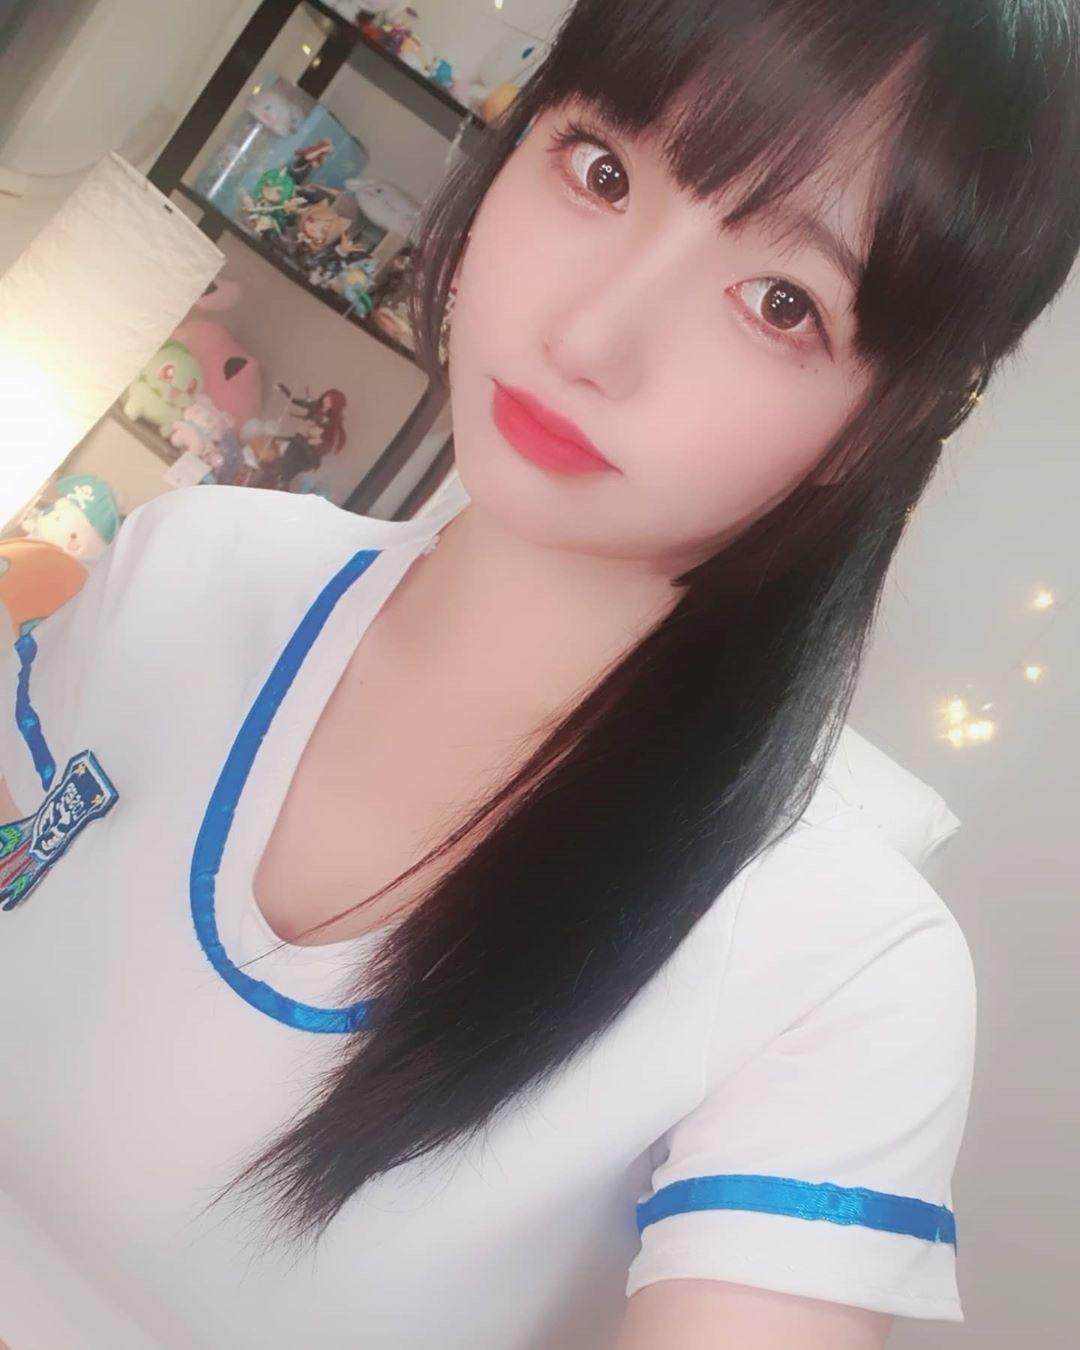 韩国女主播兼cosplay美女+二次元妹子秀莲 韩国妹子 女主播 第8张